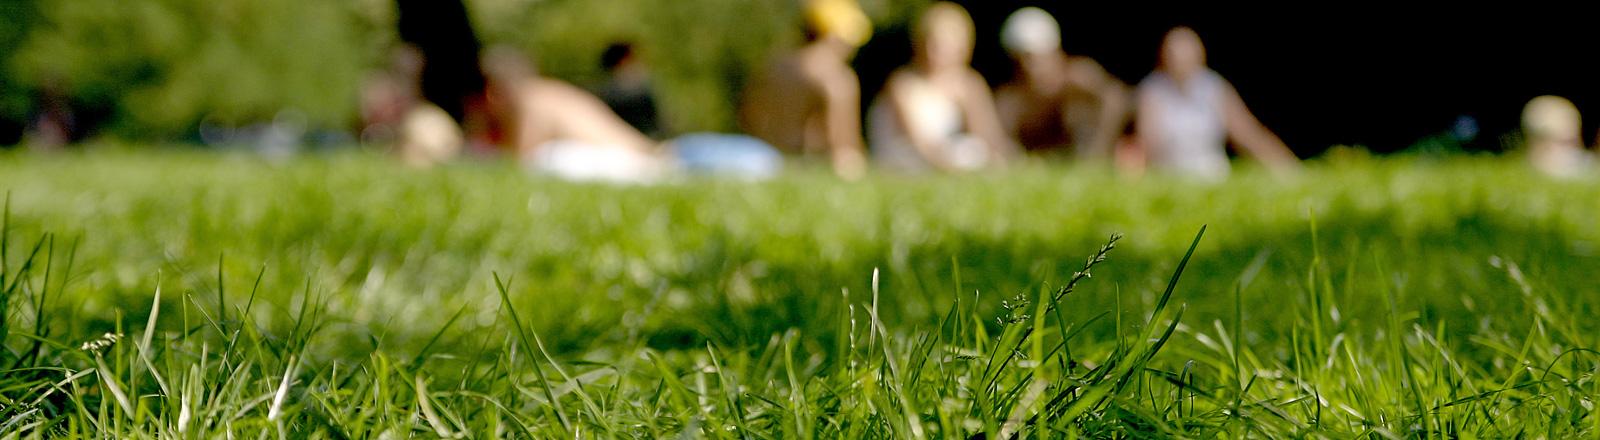 Auf einer Wiese sitzen Leute. Sie sind nur unscharf zu erkennen.